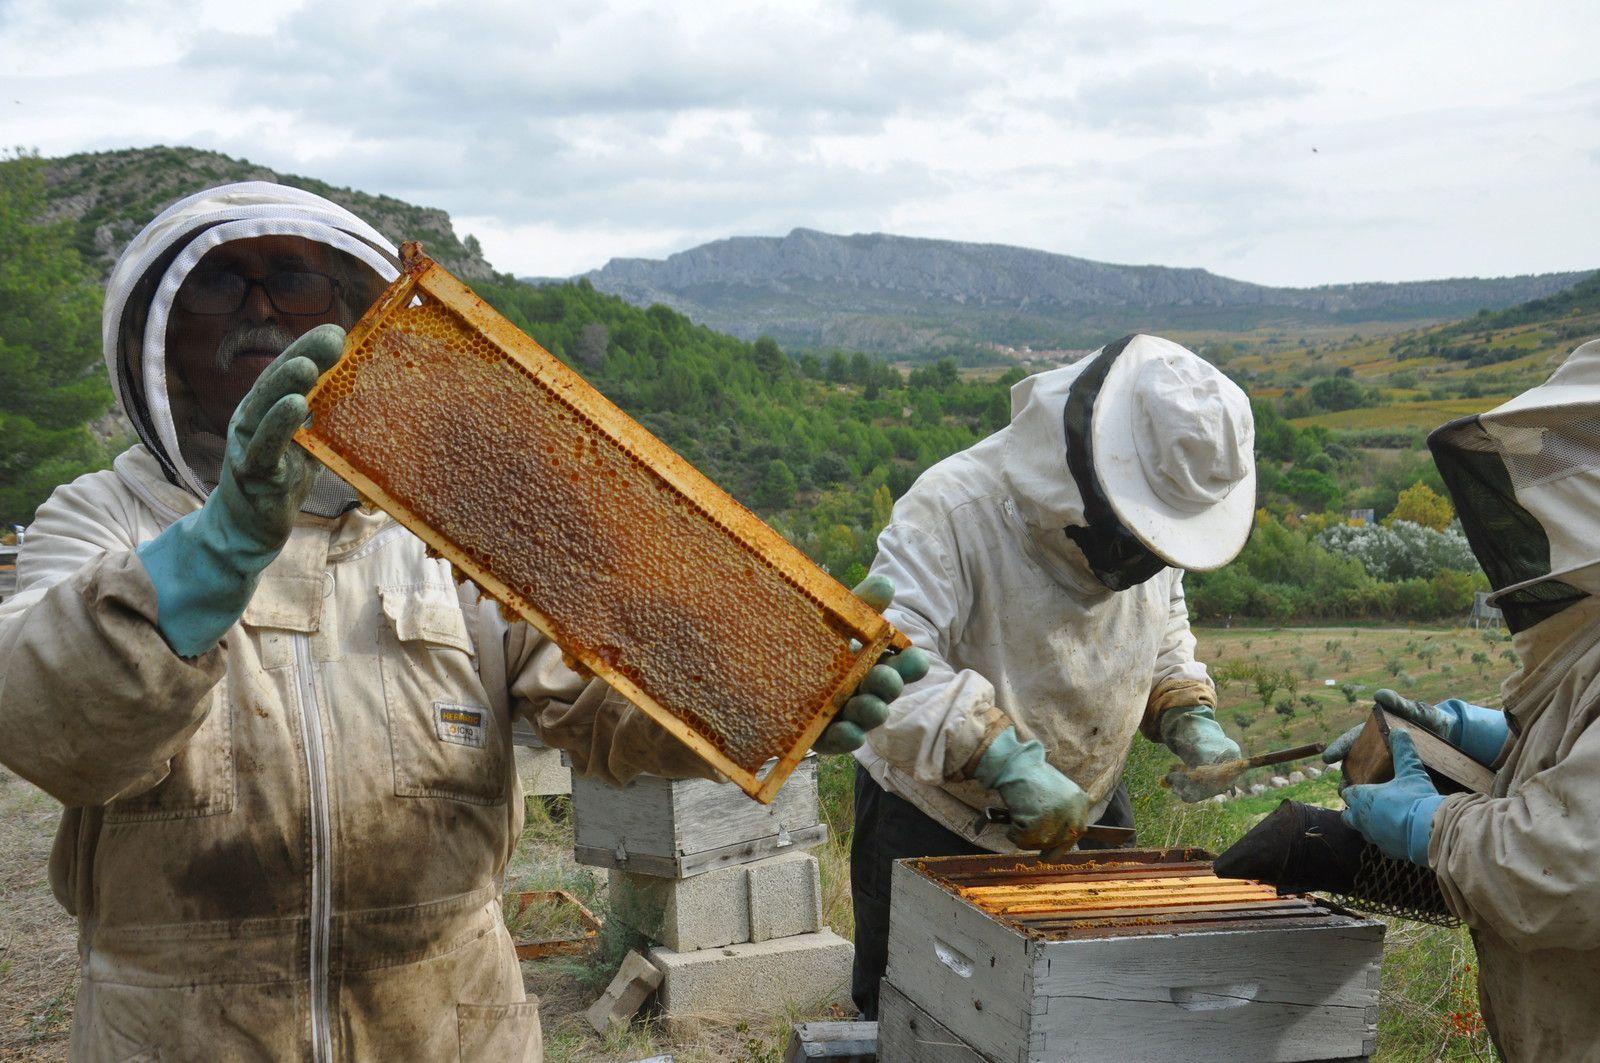 Au rucher de l'homme de Tautavel le 20 octobre 2020 avec 65 photos et 6 vidéos